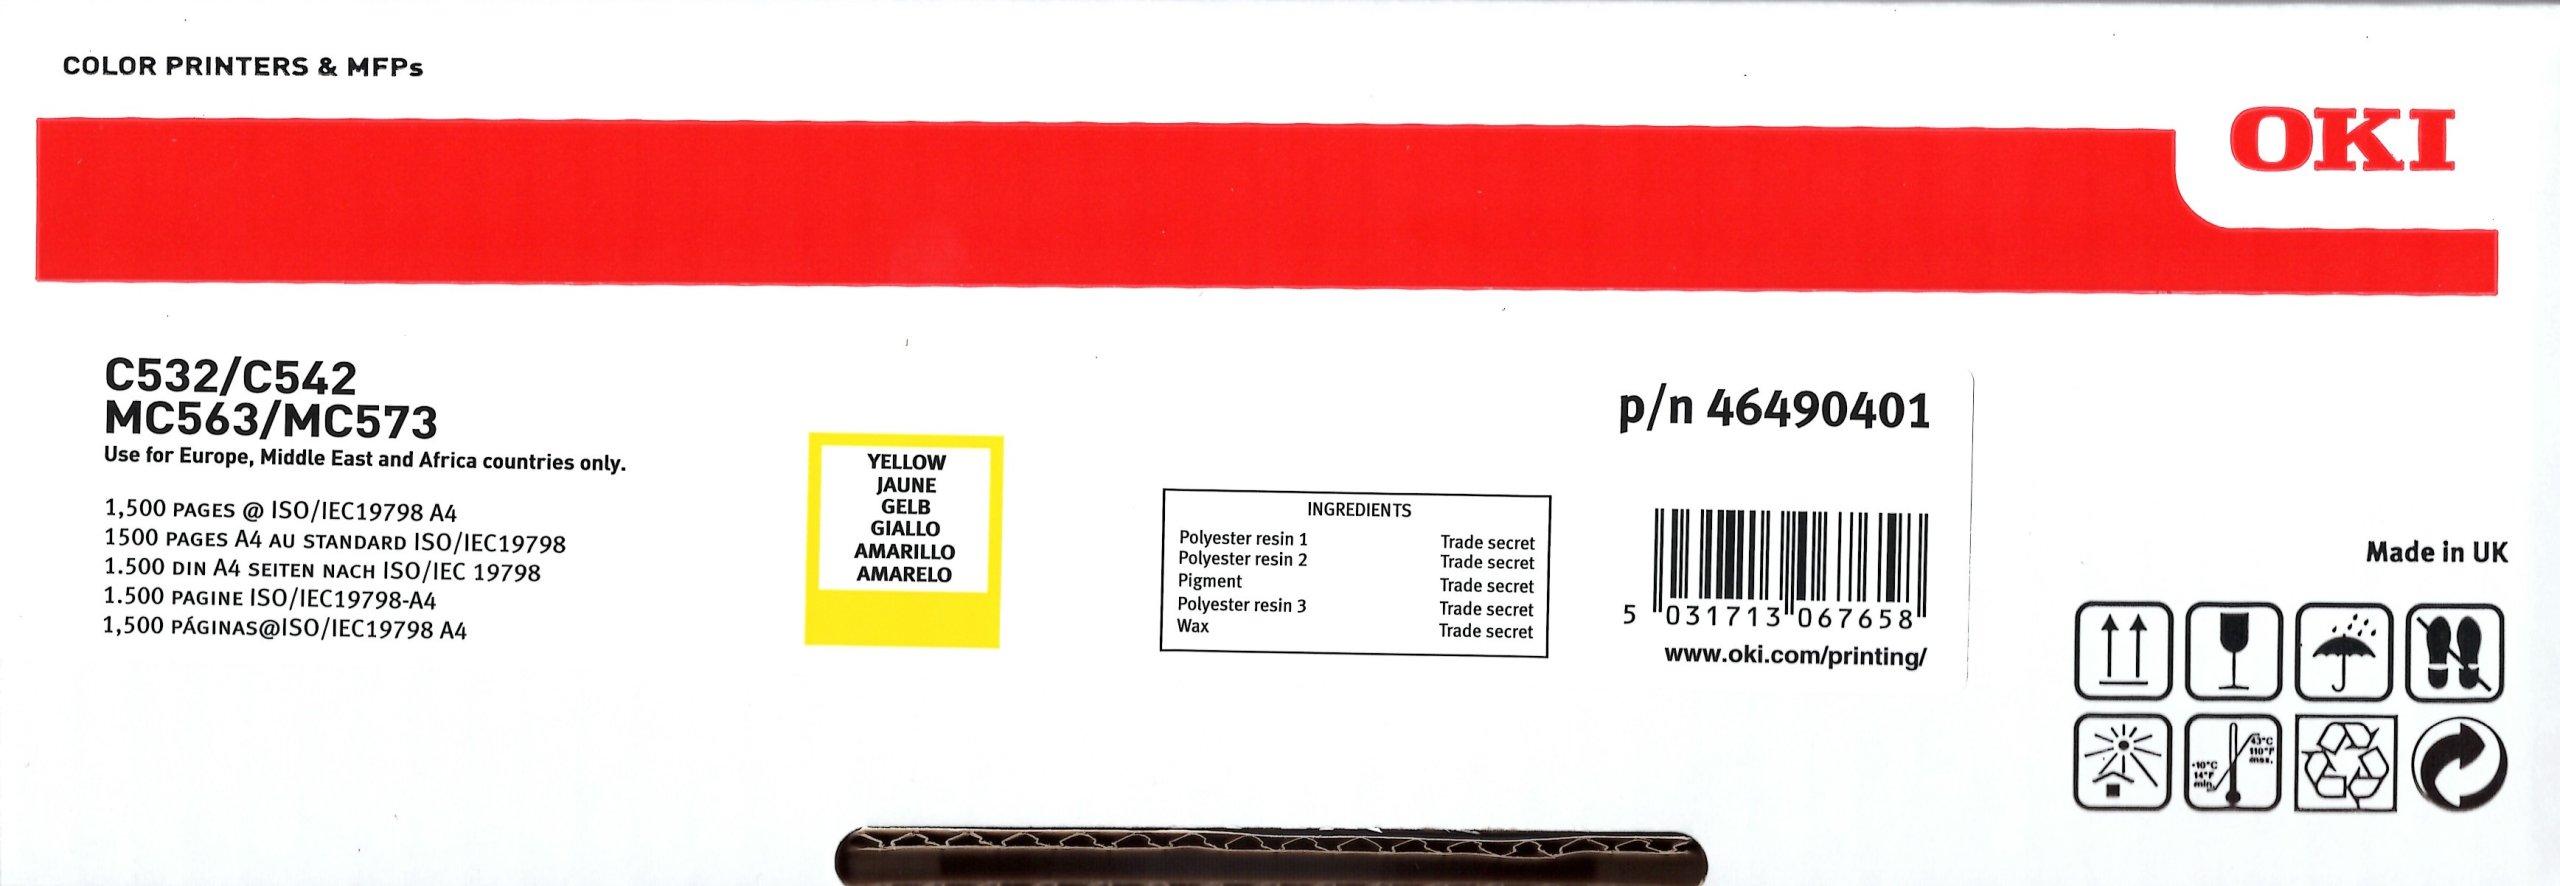 - Blanc Table Chiffon Drap 1-80cmx190cmWhite 1-80cmx190cm szdc88 Massage Beaut/é Lit Feuilles avec Trou Imperm/éable et Anti-Huile Coton Doux Salon Spa Canap/é Housse Visage